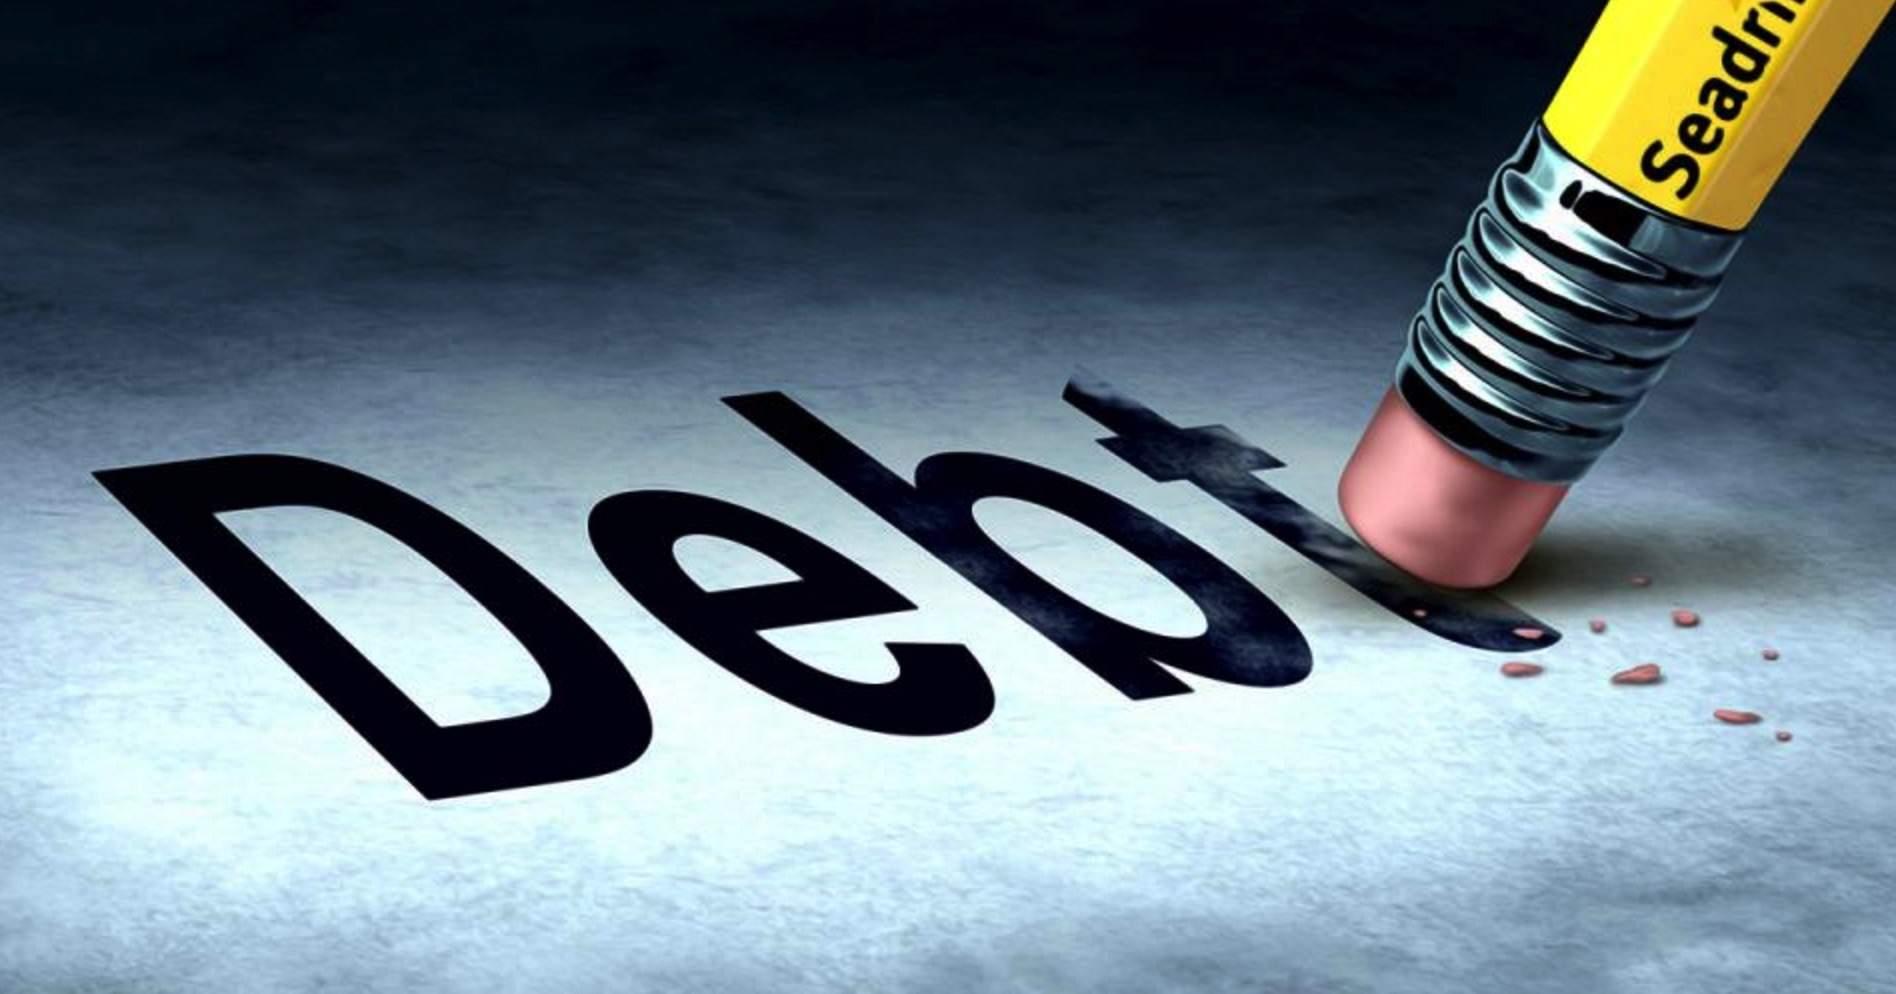 针对已违约债券 监管机构正研究市场化、法制化处置措施